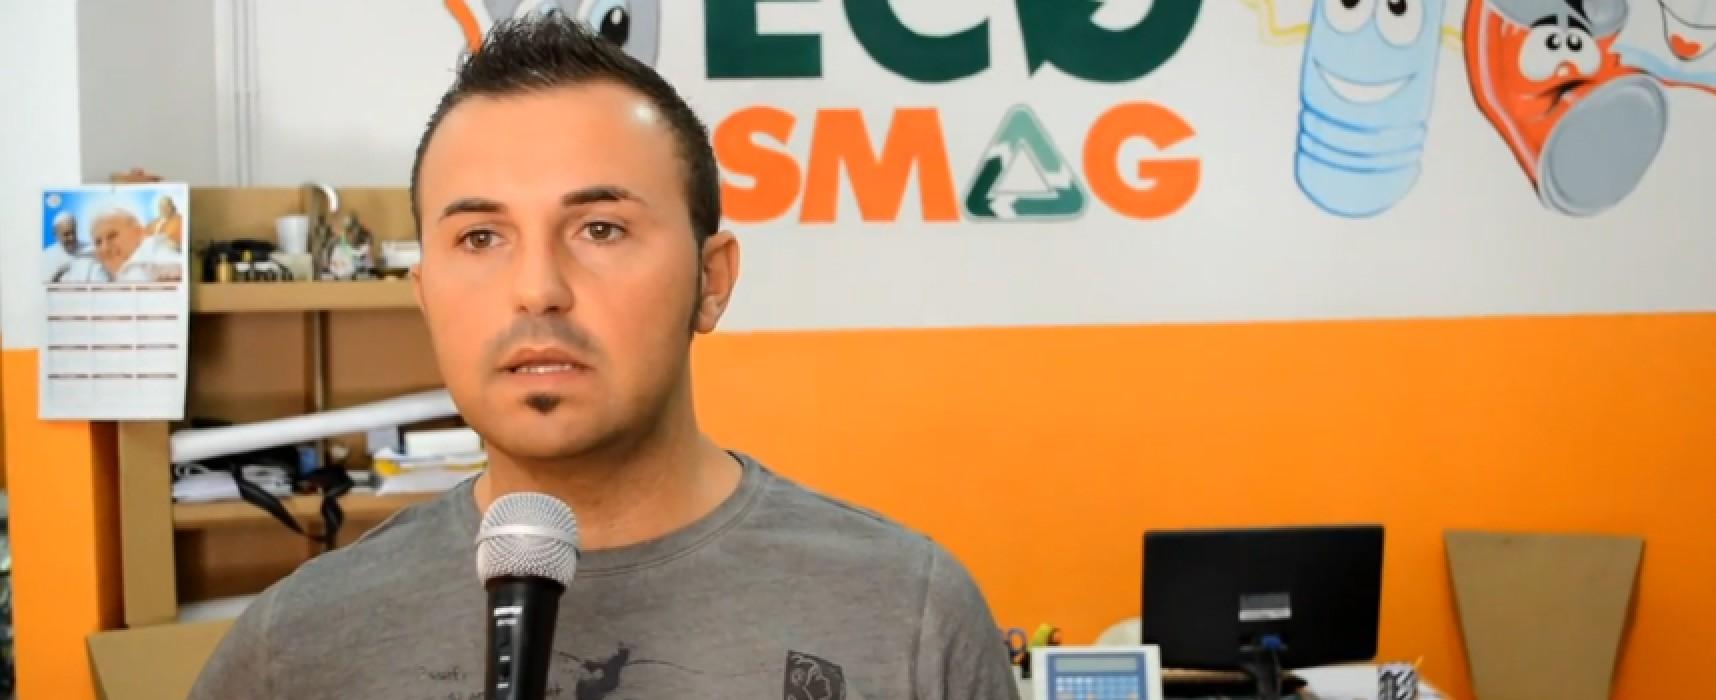 Chiude l'Ecopunto di Bisceglie, i gestori accusano l'amministrazione comunale / VIDEO